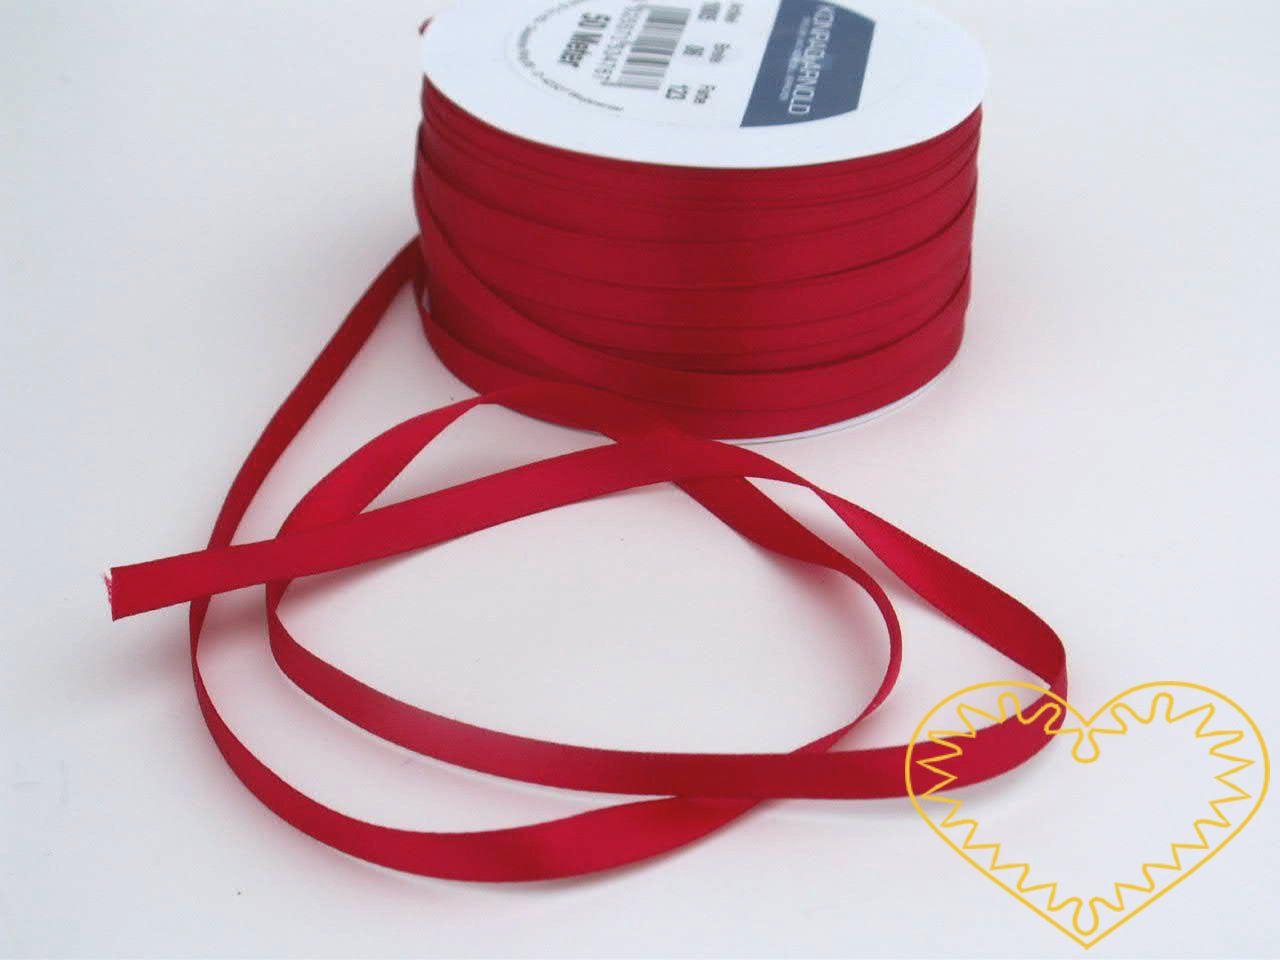 Stuha atlasová (saténová) červená - šíře 5 mm - 50 m; oboulící. Vyznačuje se vysokou kvalitou a leskem. Má široké využítí při tvorbě dekorací, aranžování, balení dárků, v bytovém textilu.